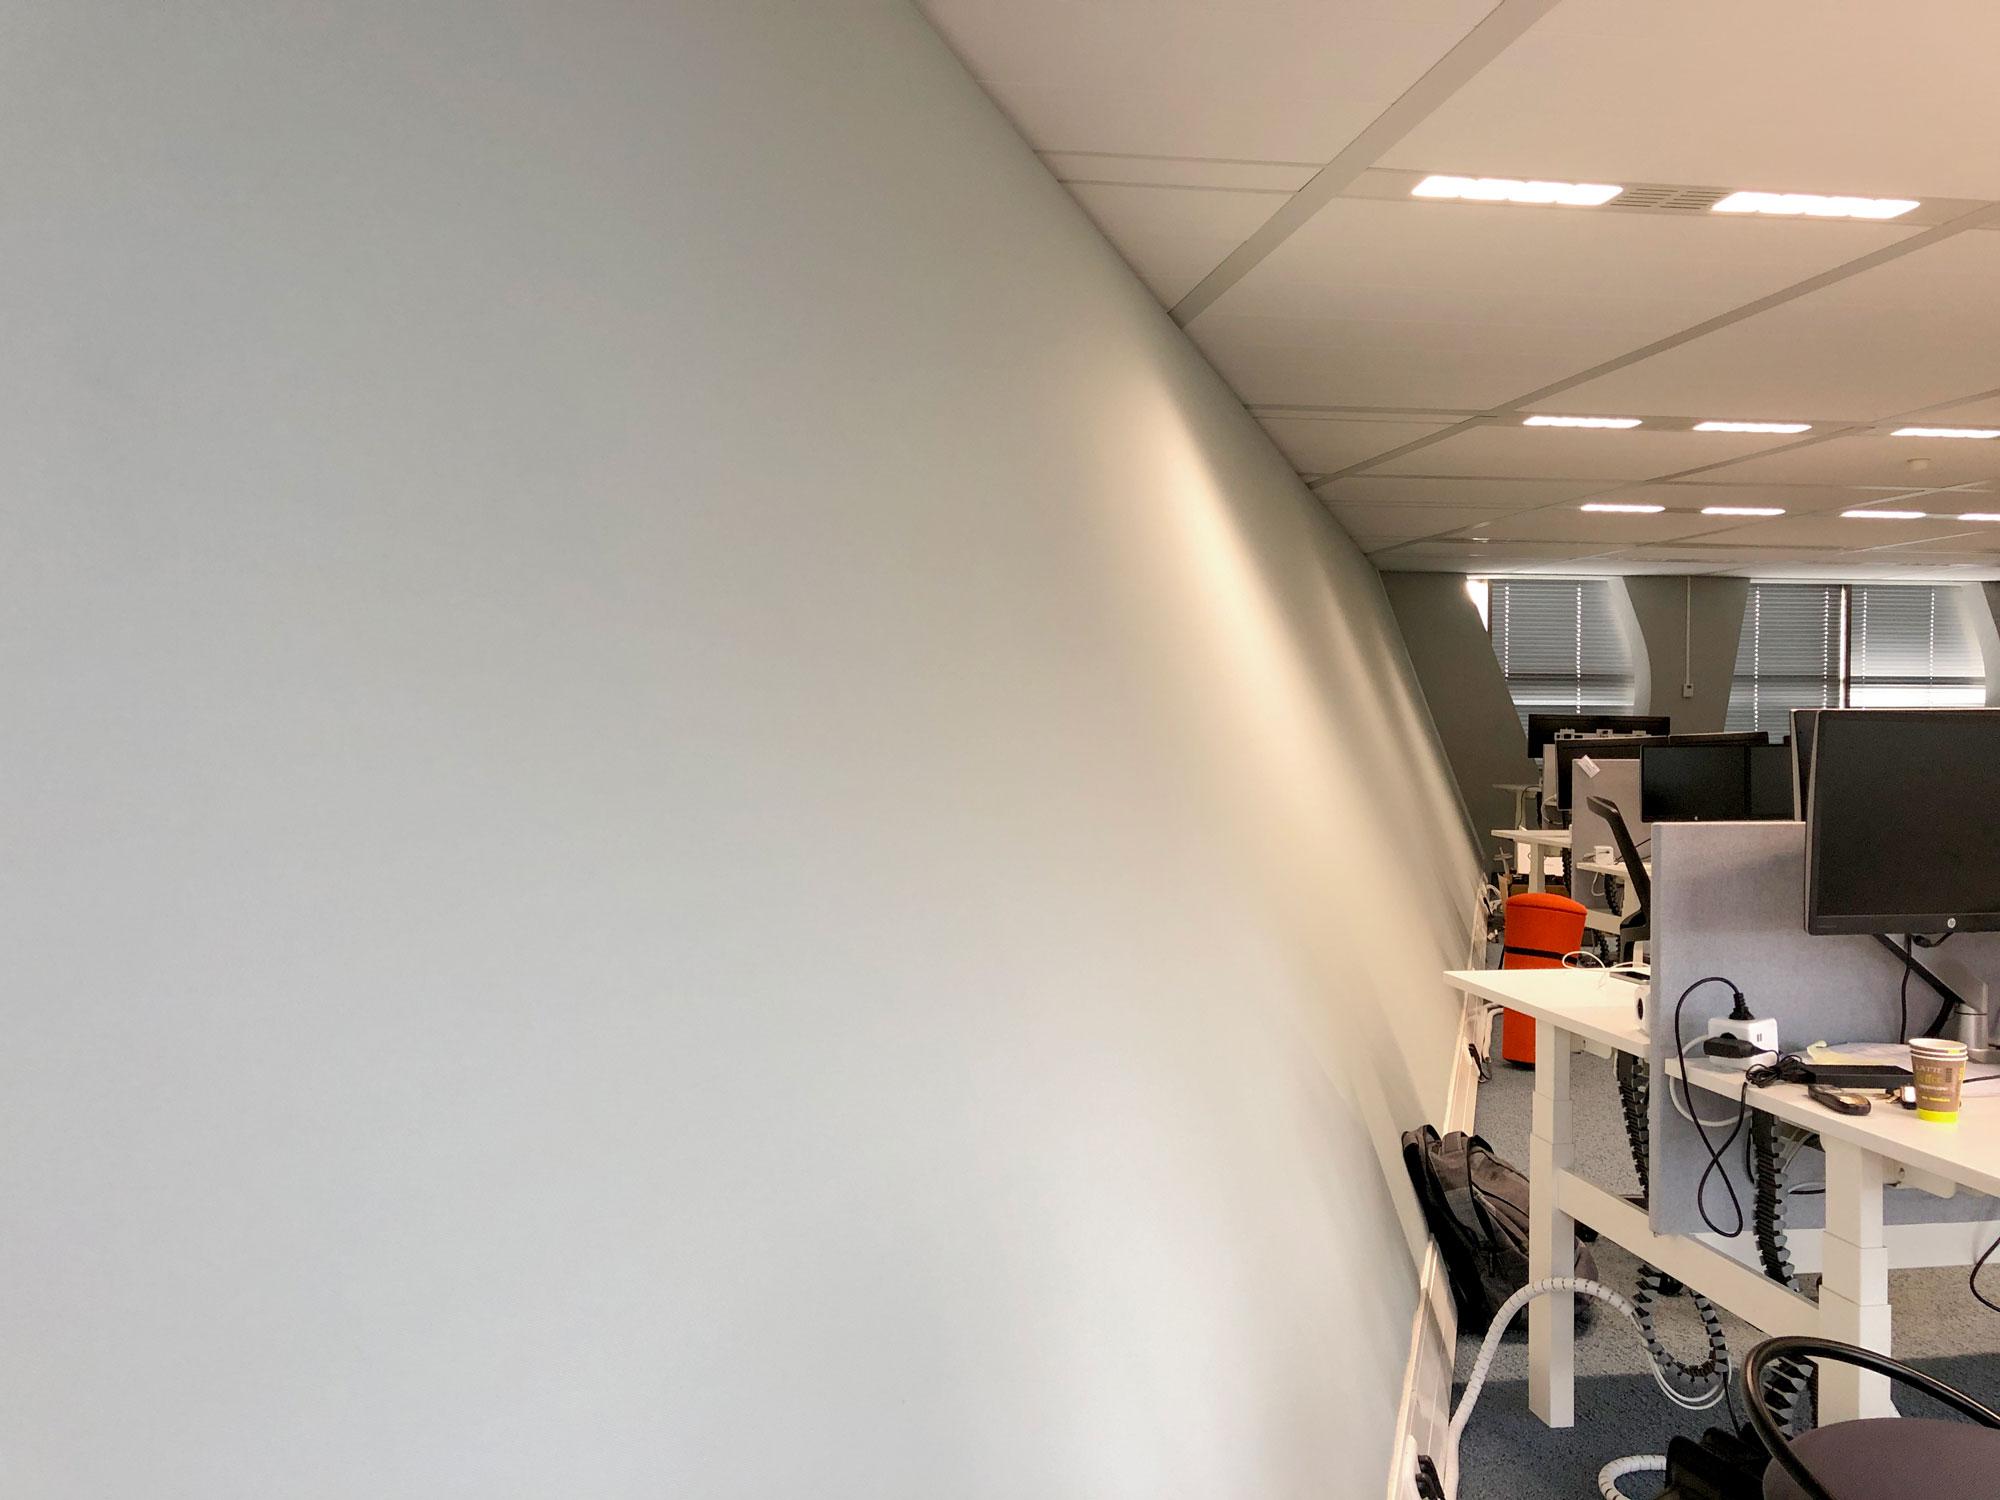 Geluidsabsorberend wandpaneel van 15 meter lang bij Waterschap in Zwolle